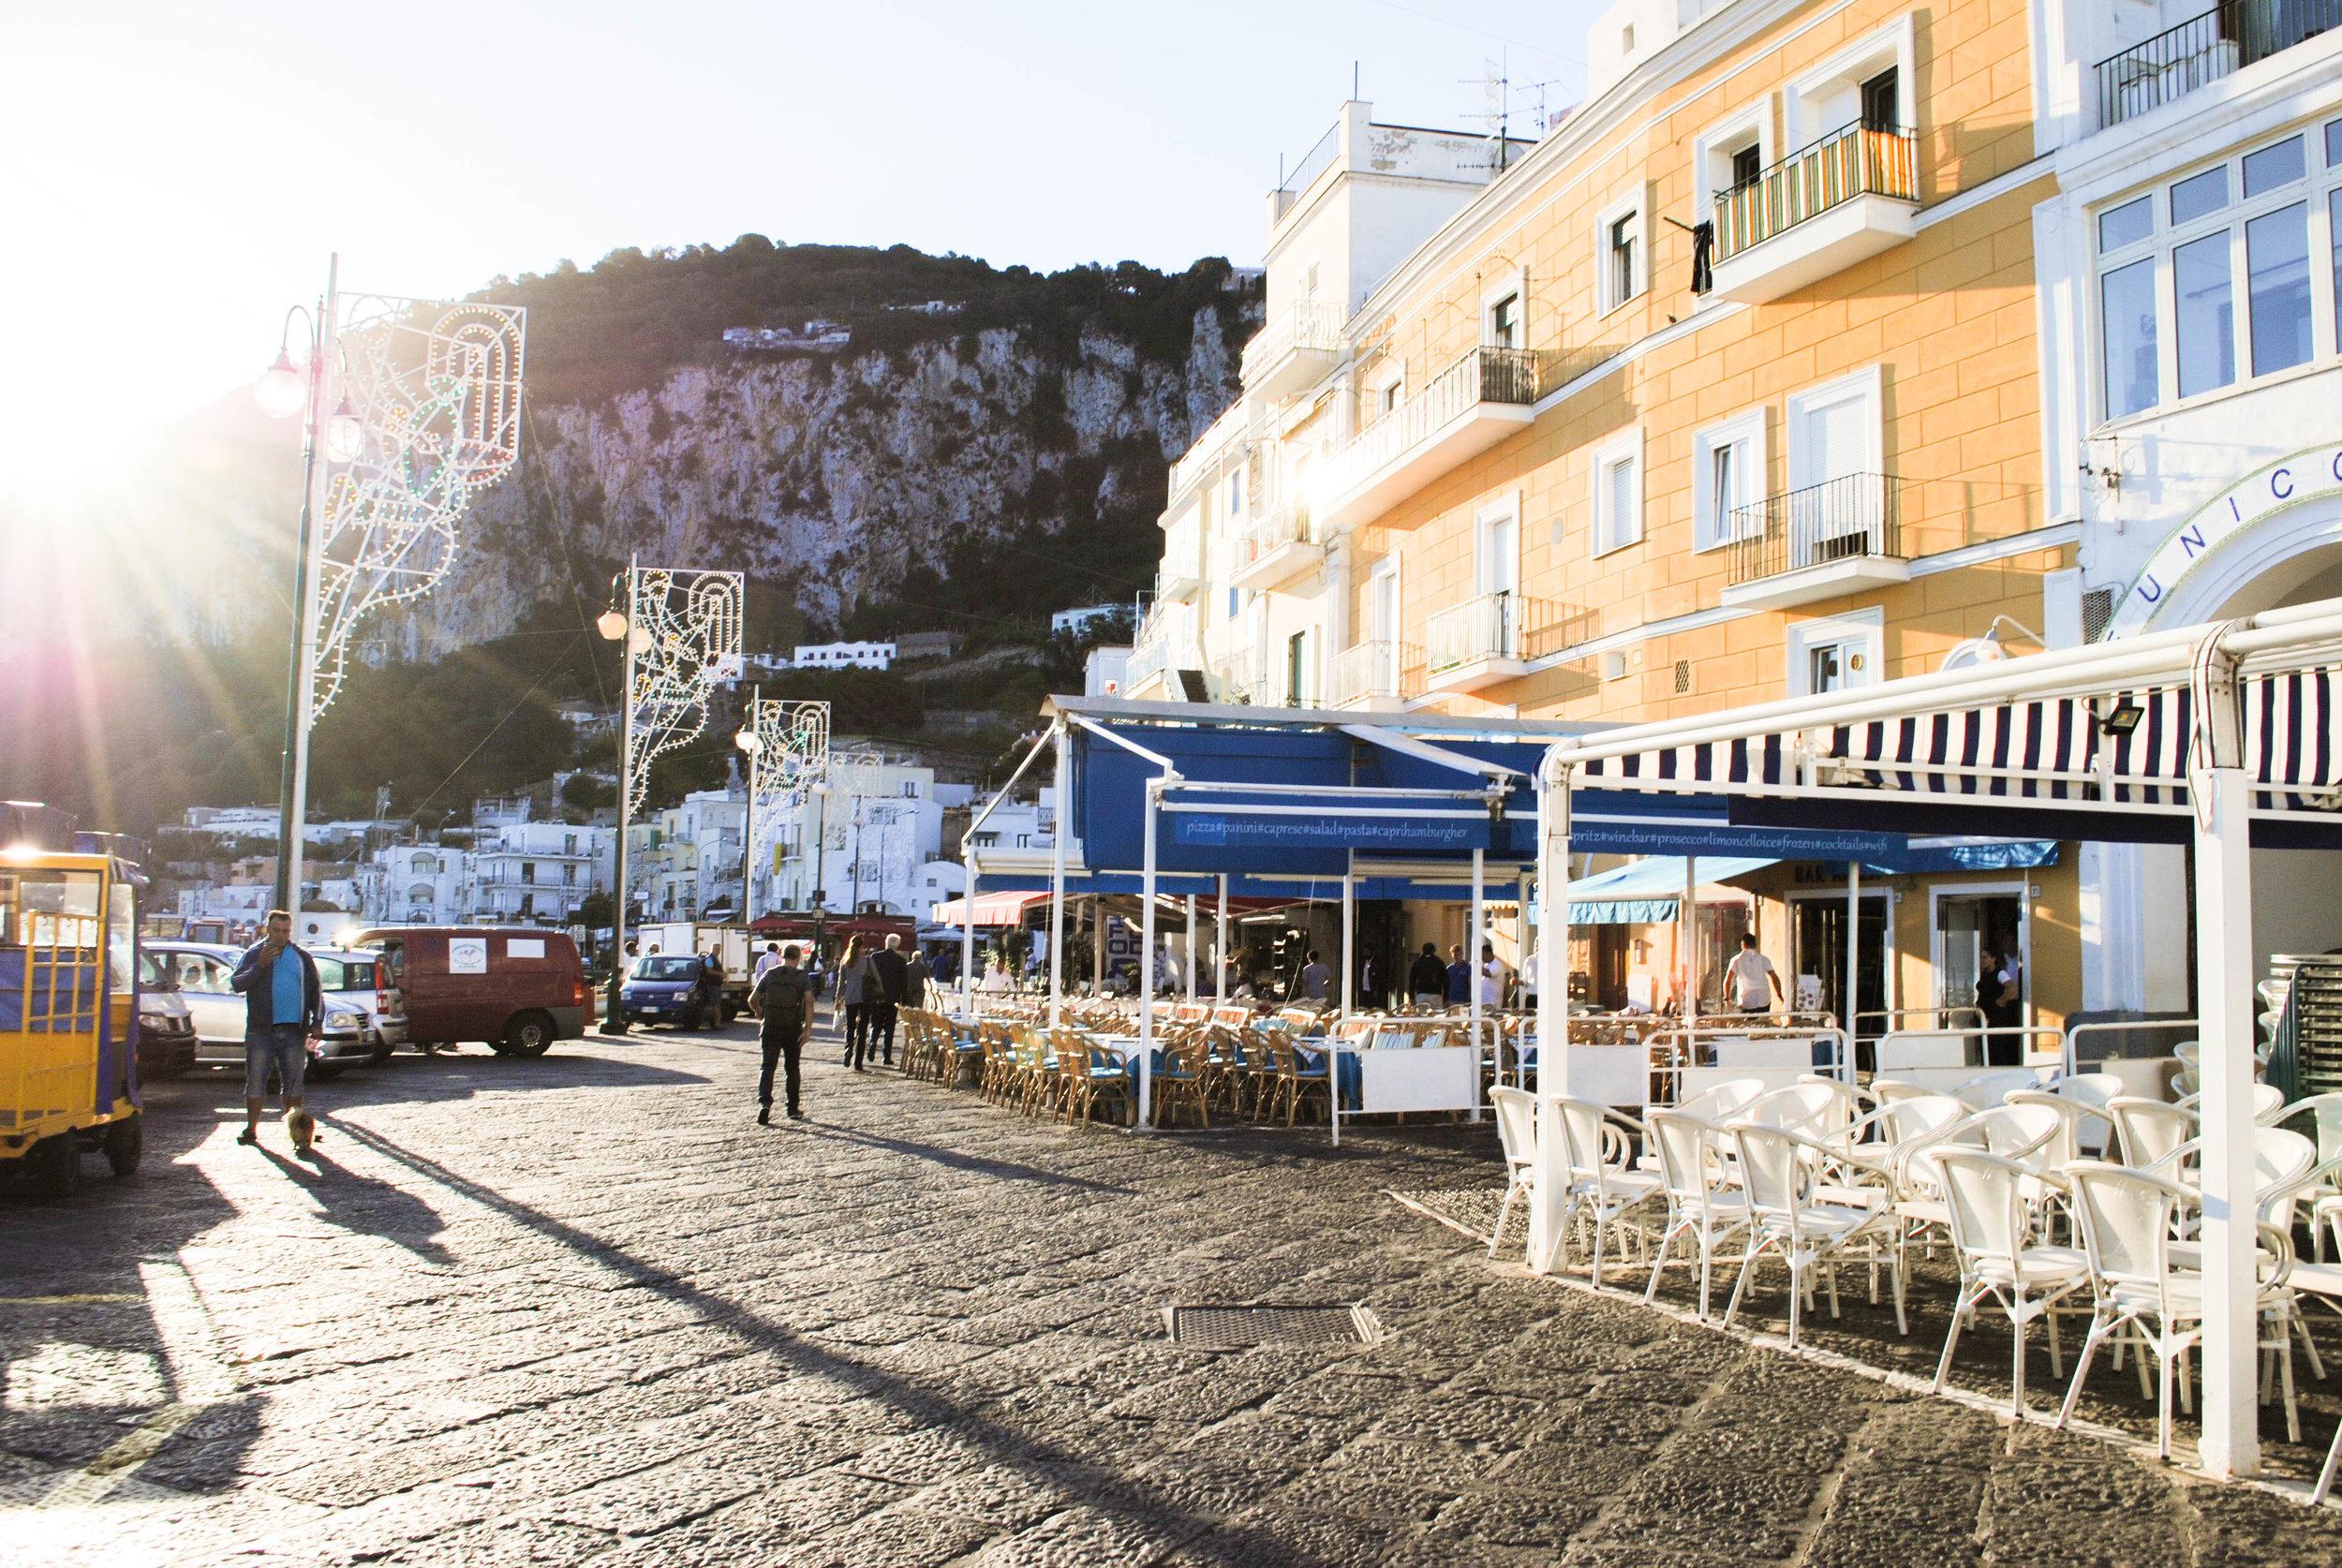 Marina Grande in Capri, Italy